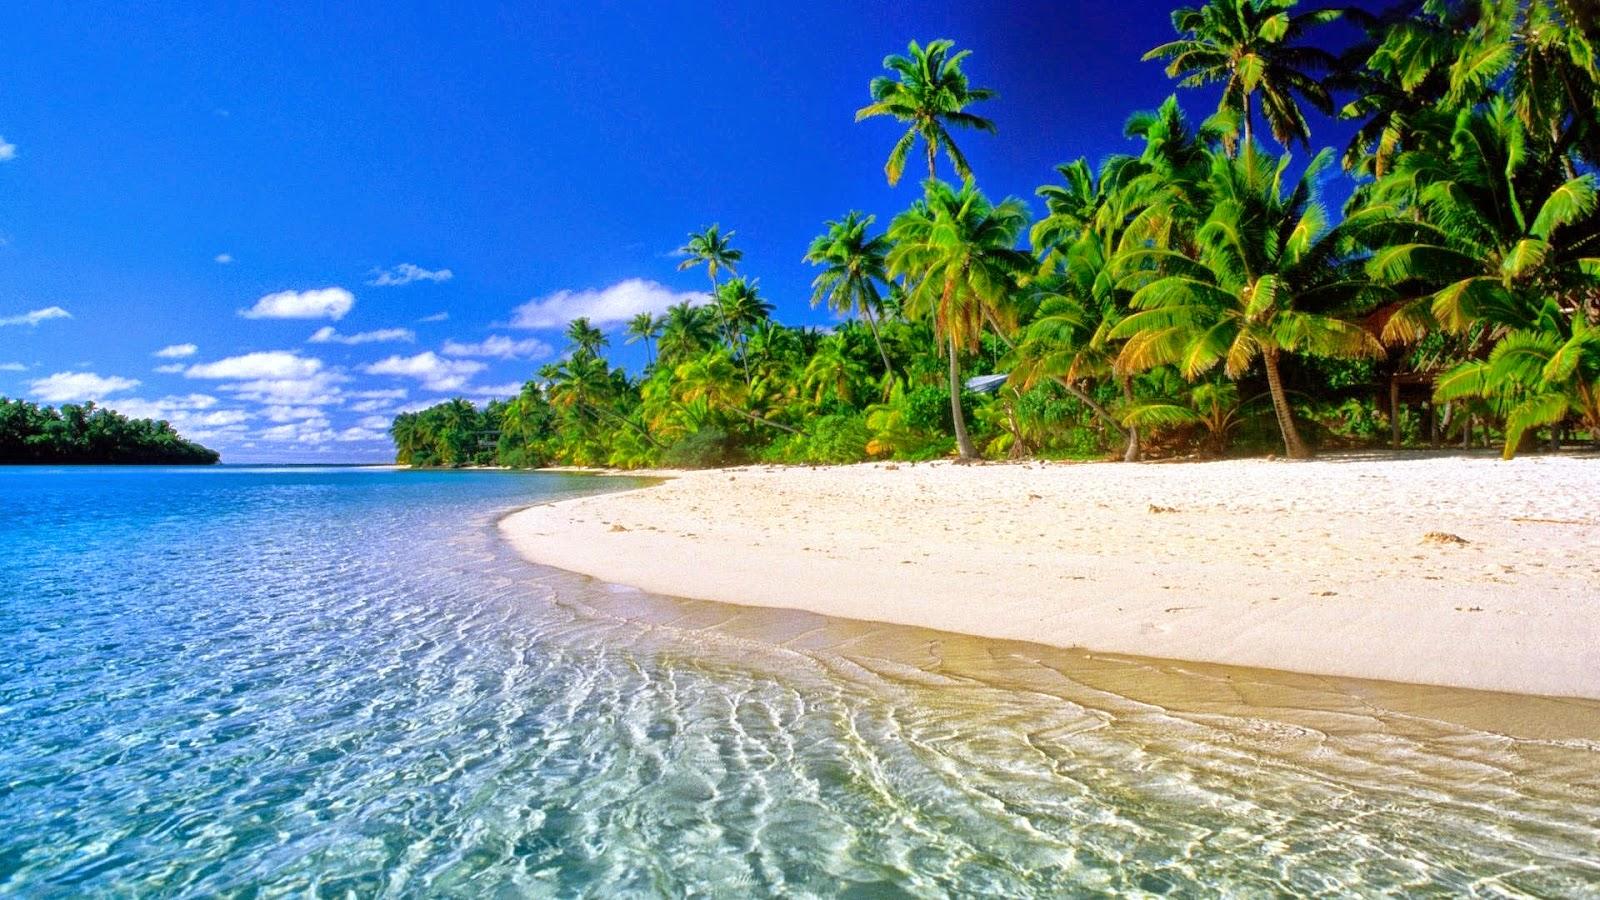 افضل الجزر لقضاء الشتاء في المالديف (7)